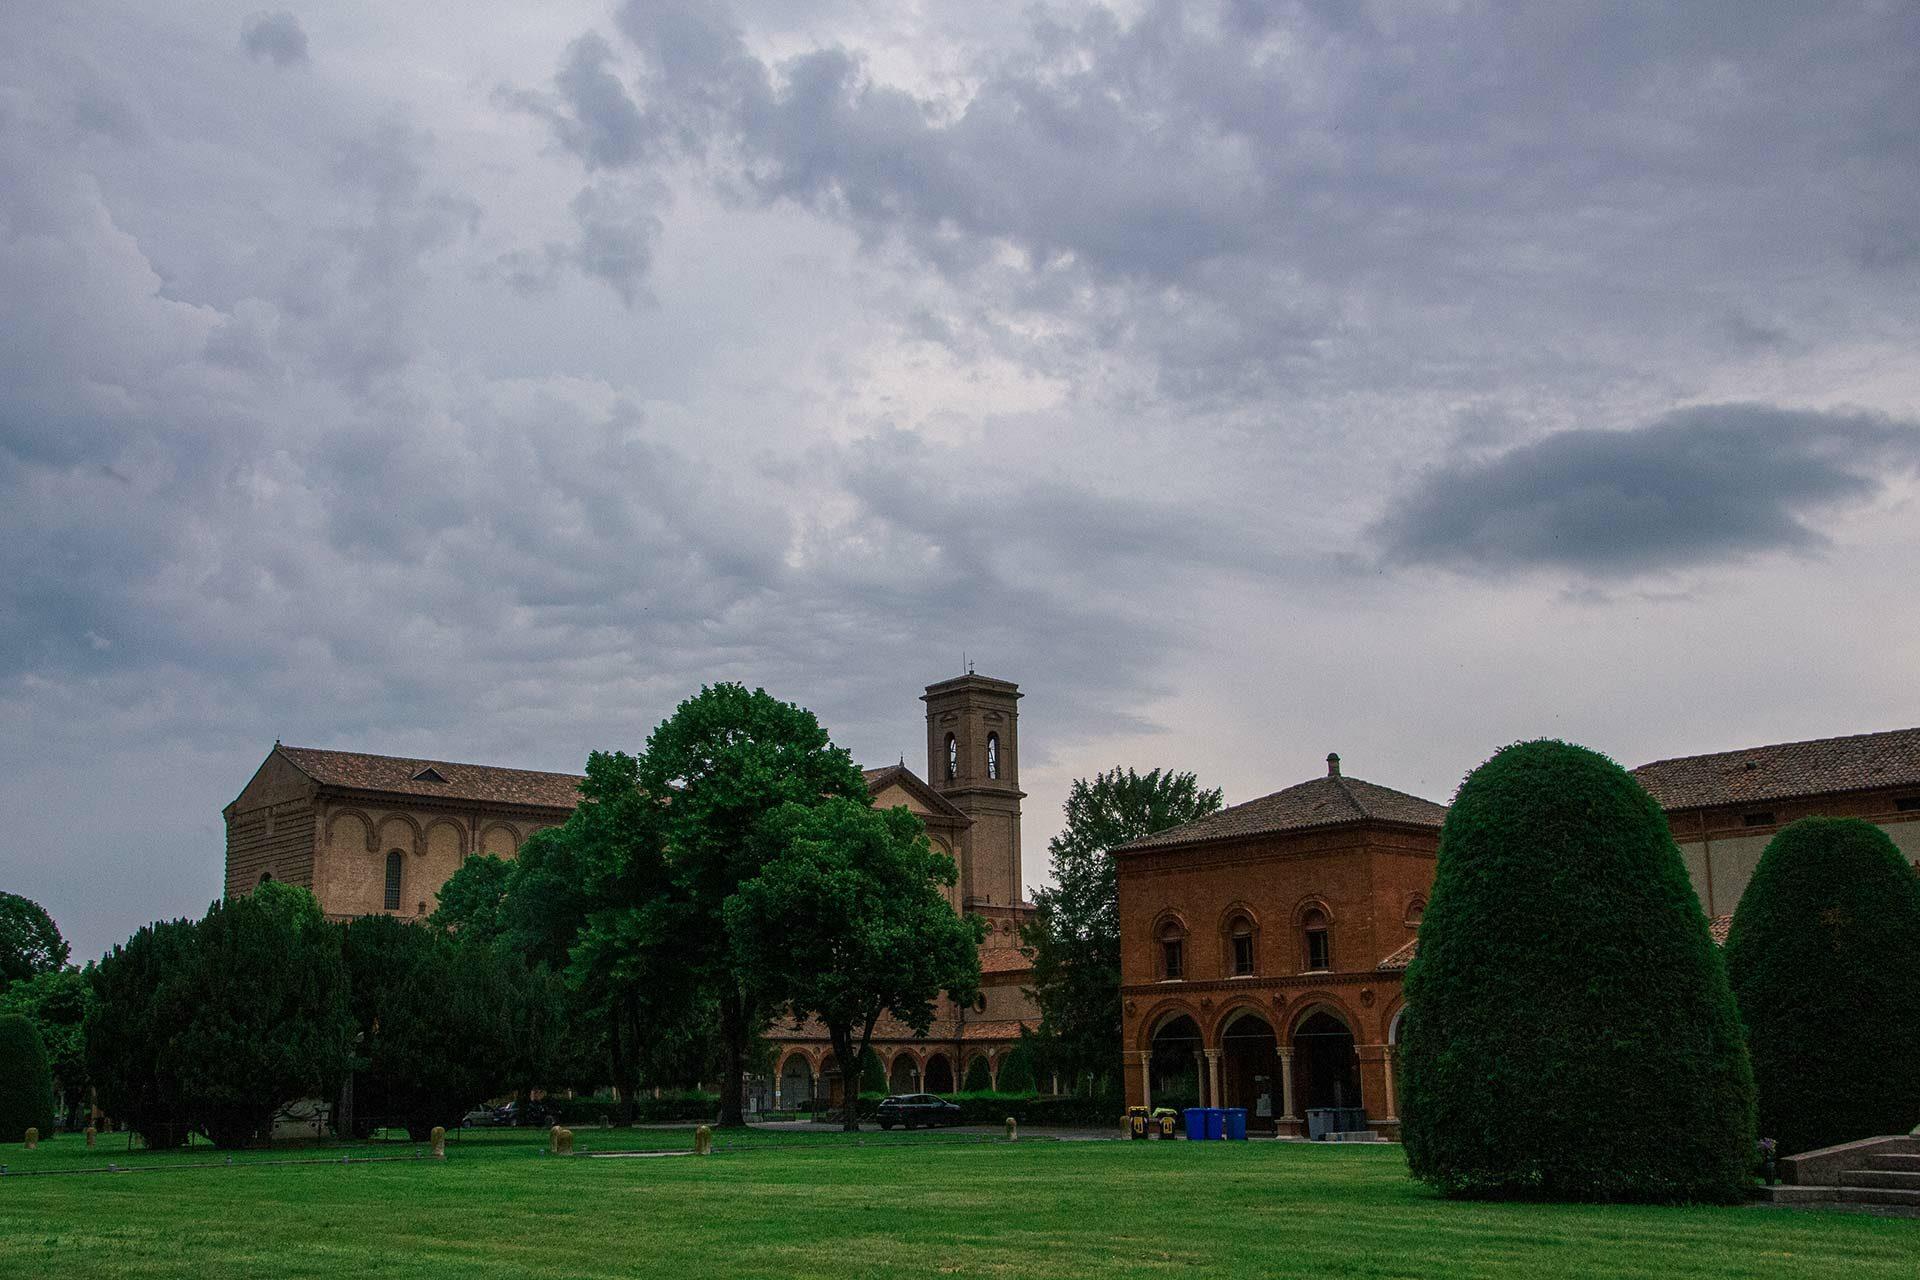 Das ehemalige Kartäuserkloster mit der Kirche San Cristoforo alla Certosa